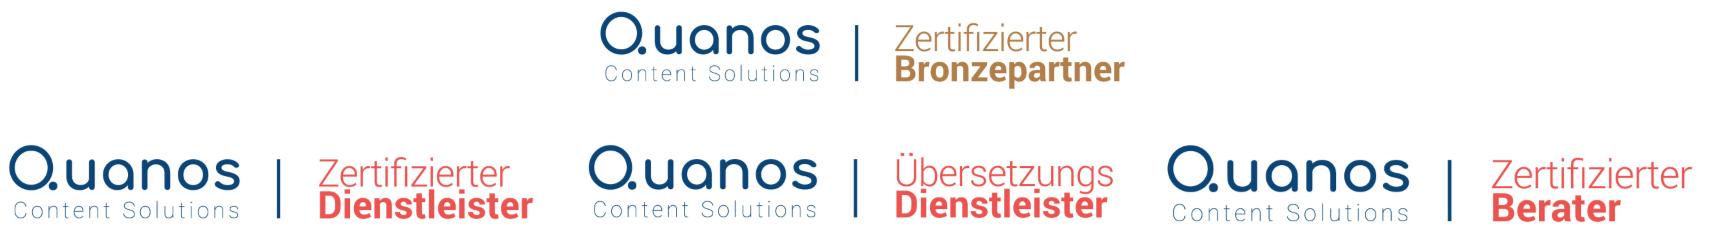 STYRZ Bronzepartner der Quanos-Content-Solutions und Schema ST4 Experte